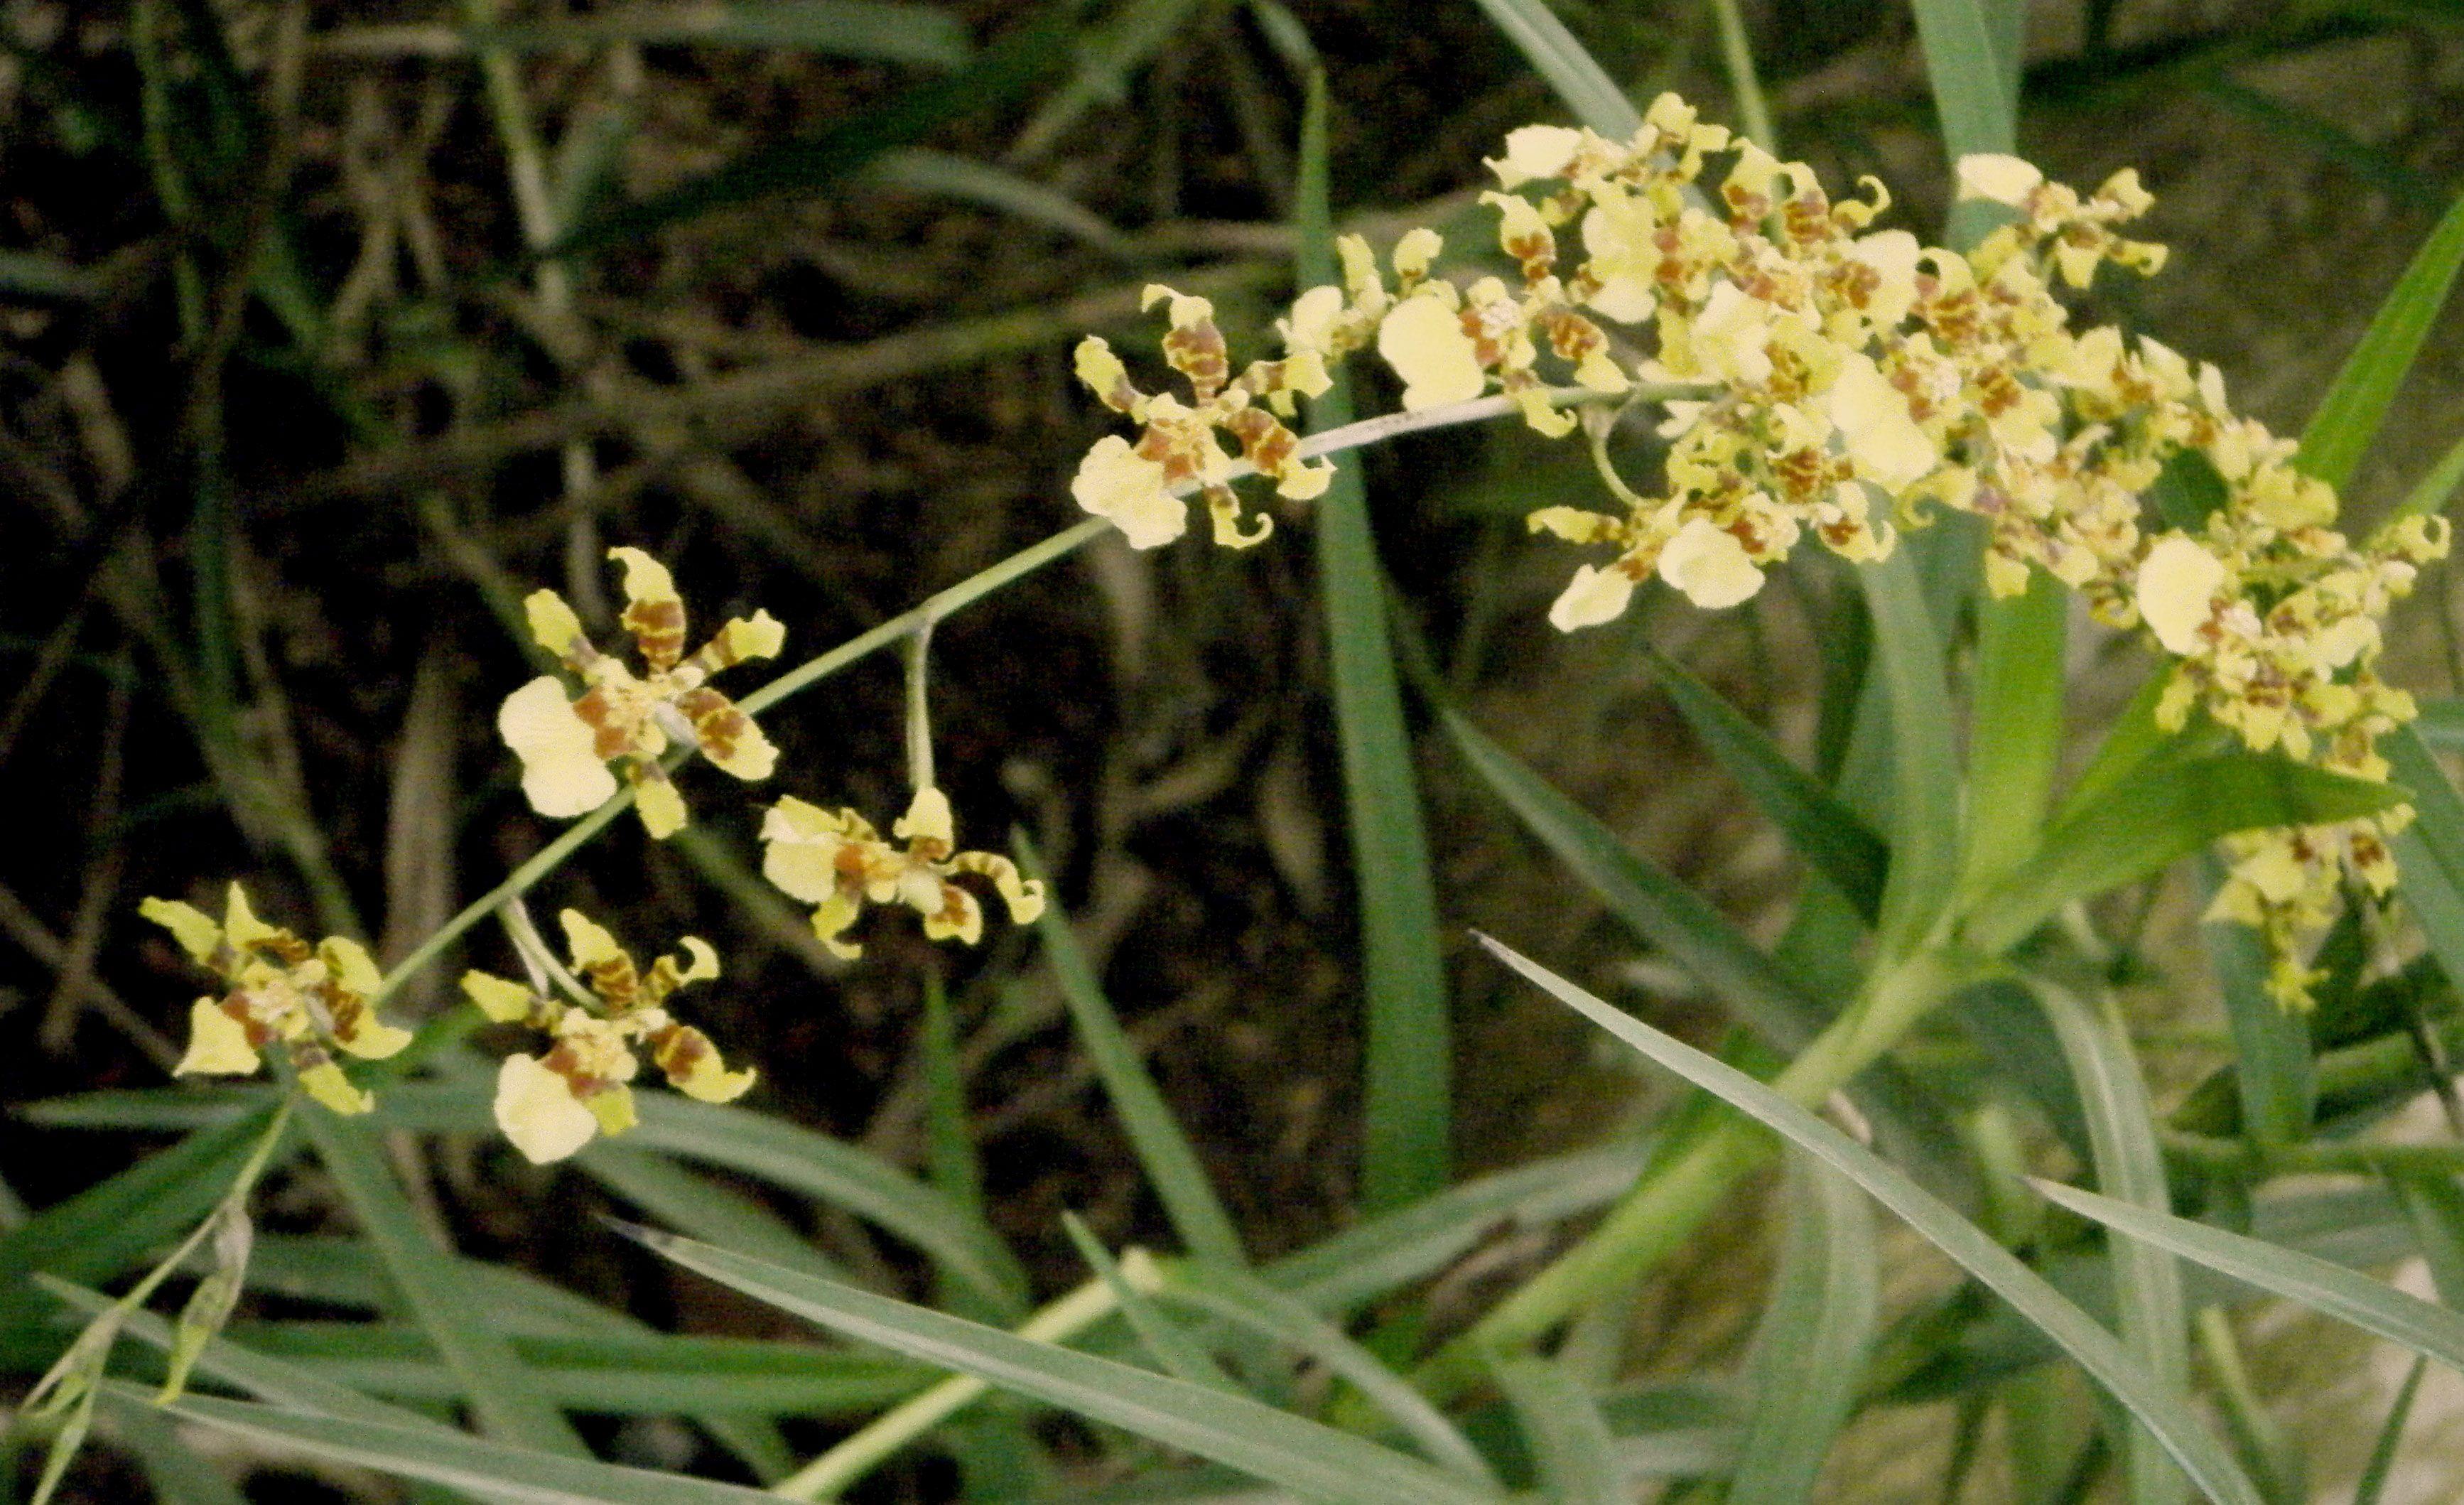 La orquidea Oncidium florece una vez al año nada más, los brotes ...